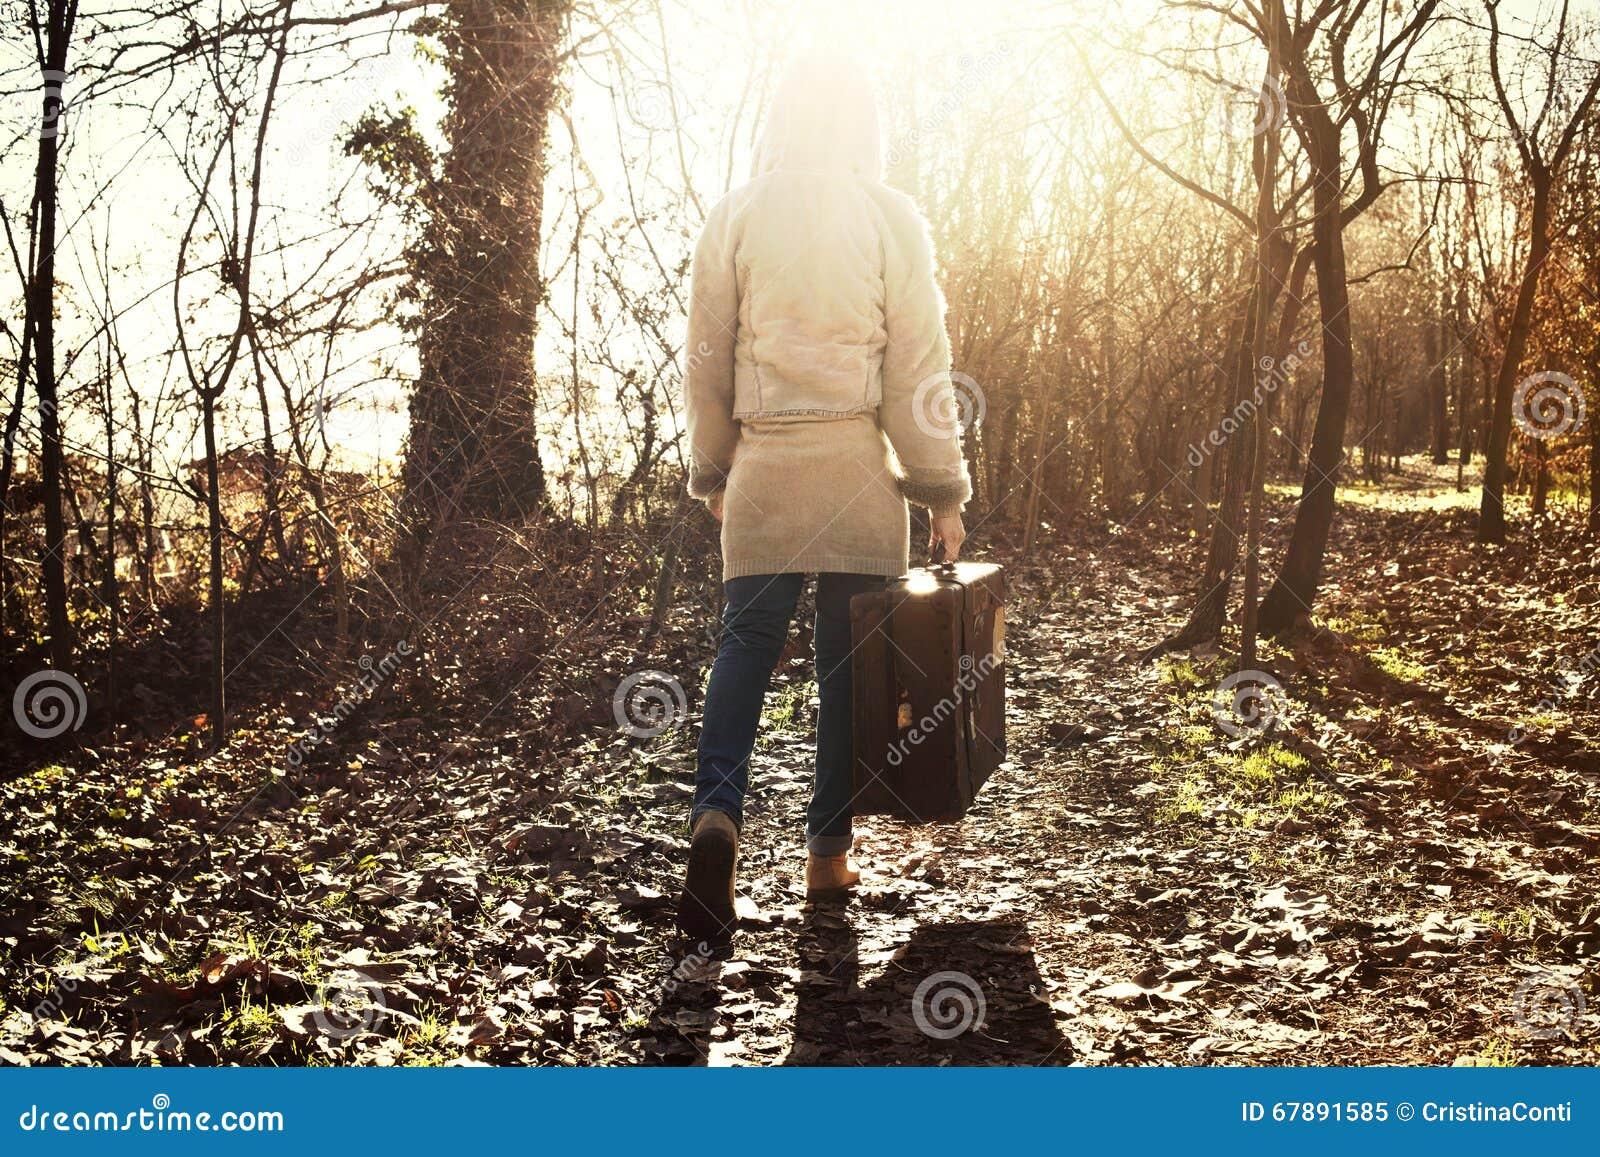 旅客妇女在森林里跟随希望光